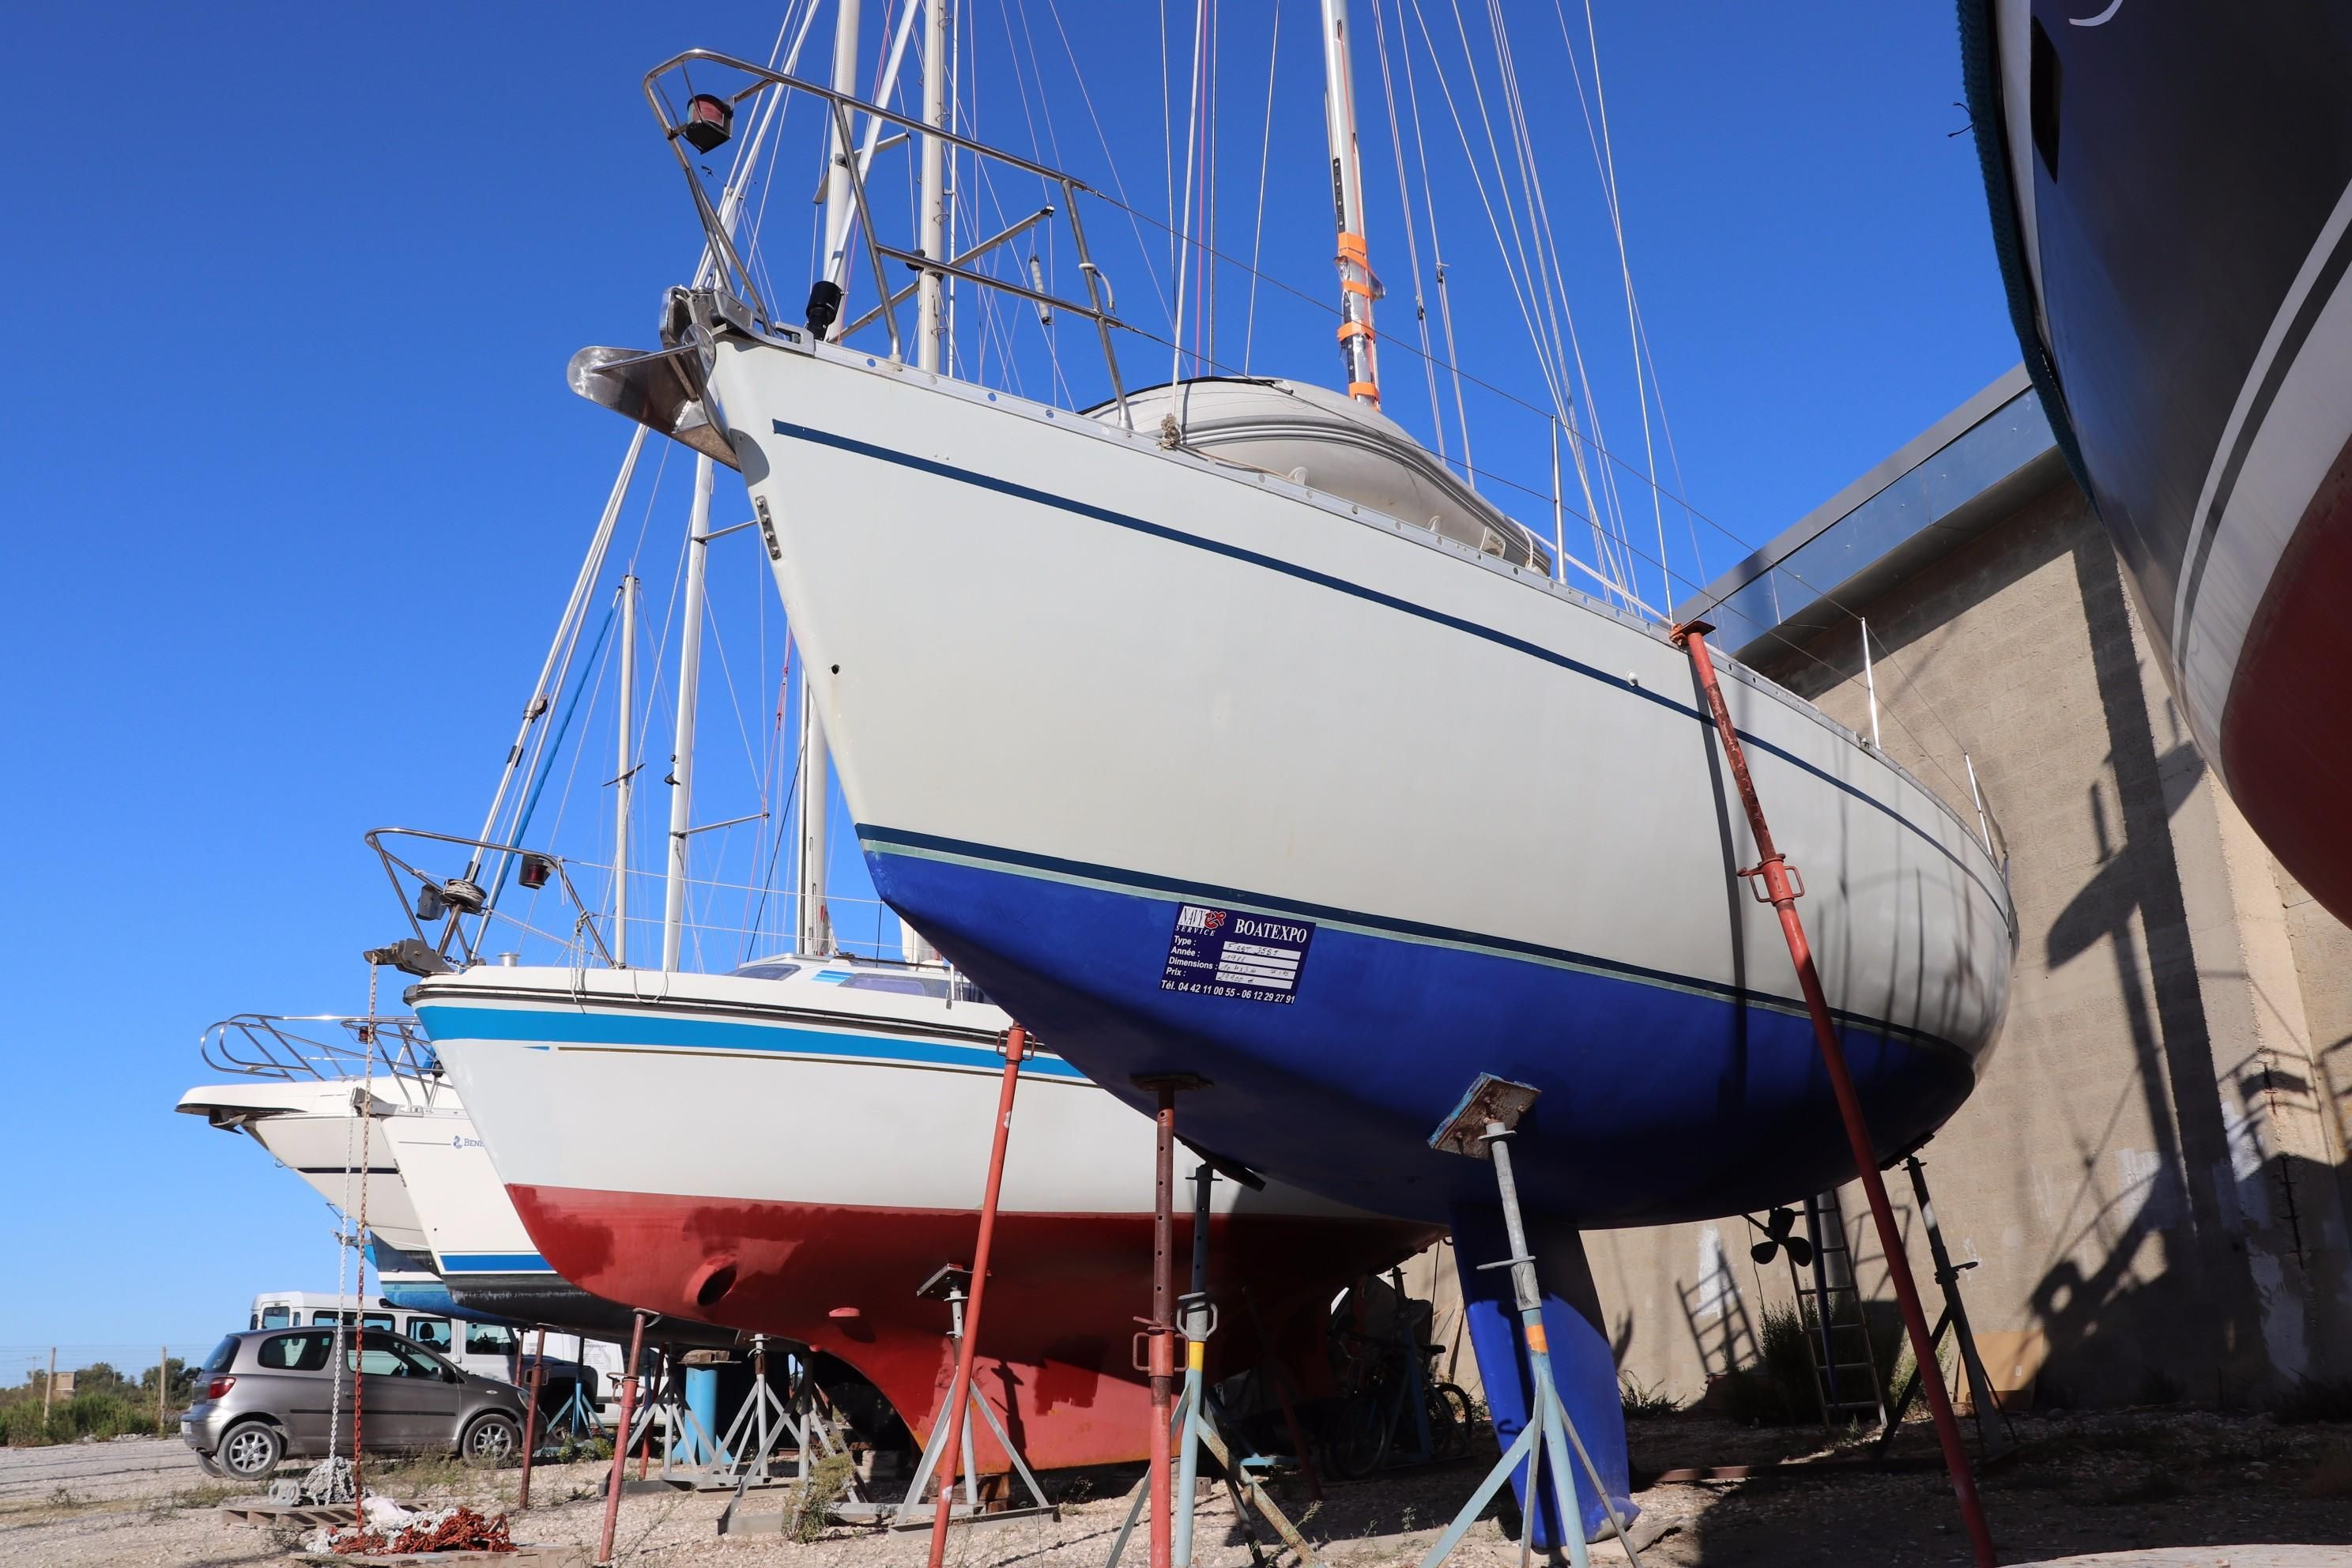 1988 beneteau first 35s5 sail boat for sale www - Navy service port saint louis du rhone ...